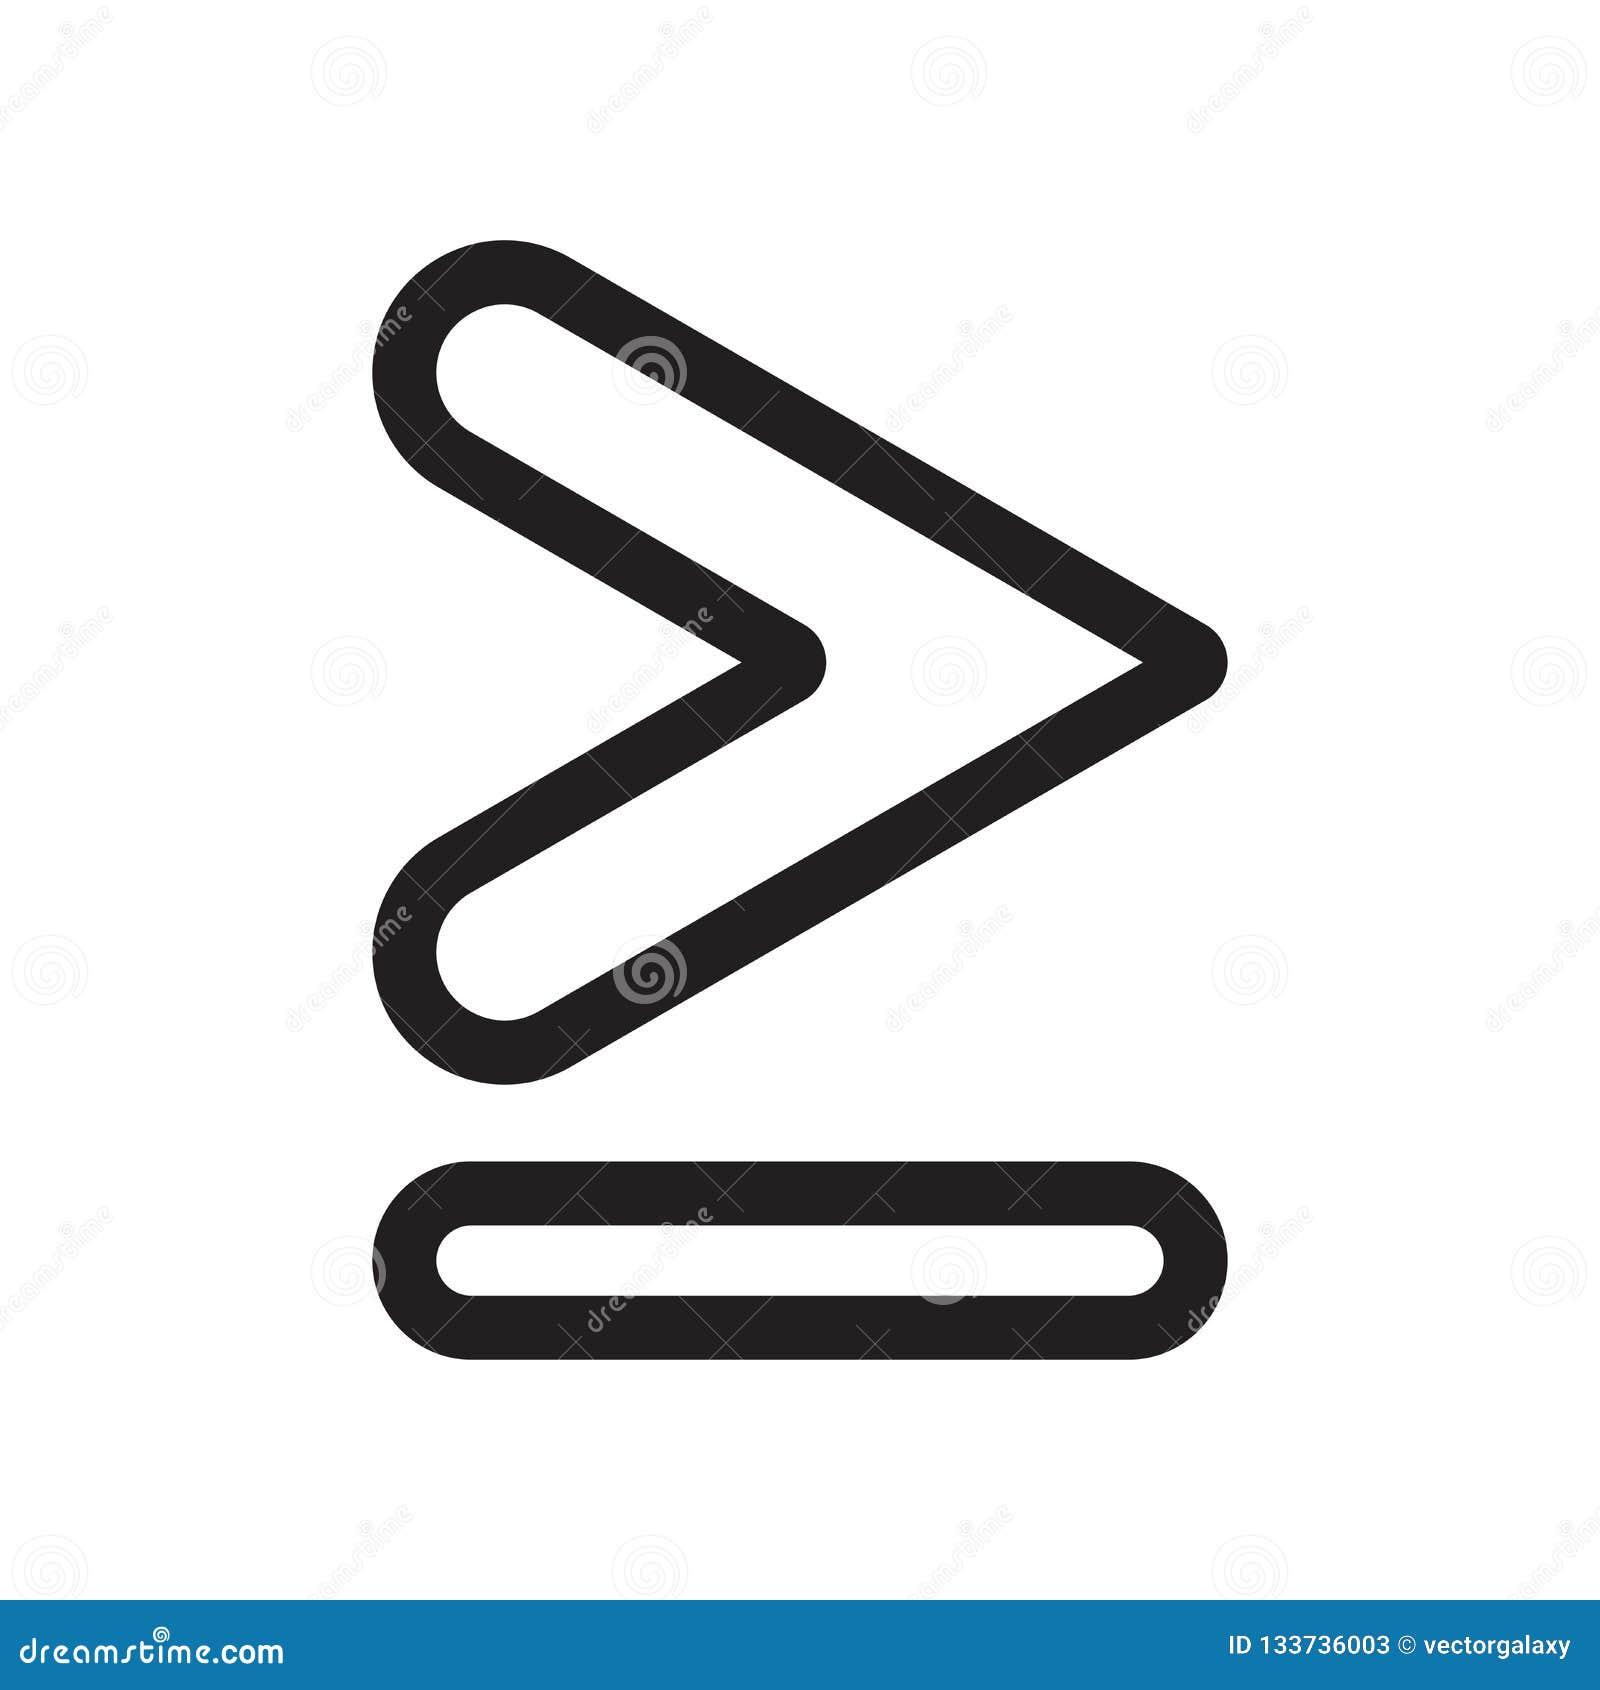 Är jämbördigt till eller större, än tecknet och symbolet för symbolsymbolsvektor som isoleras på vit bakgrund, är jämbördiga till